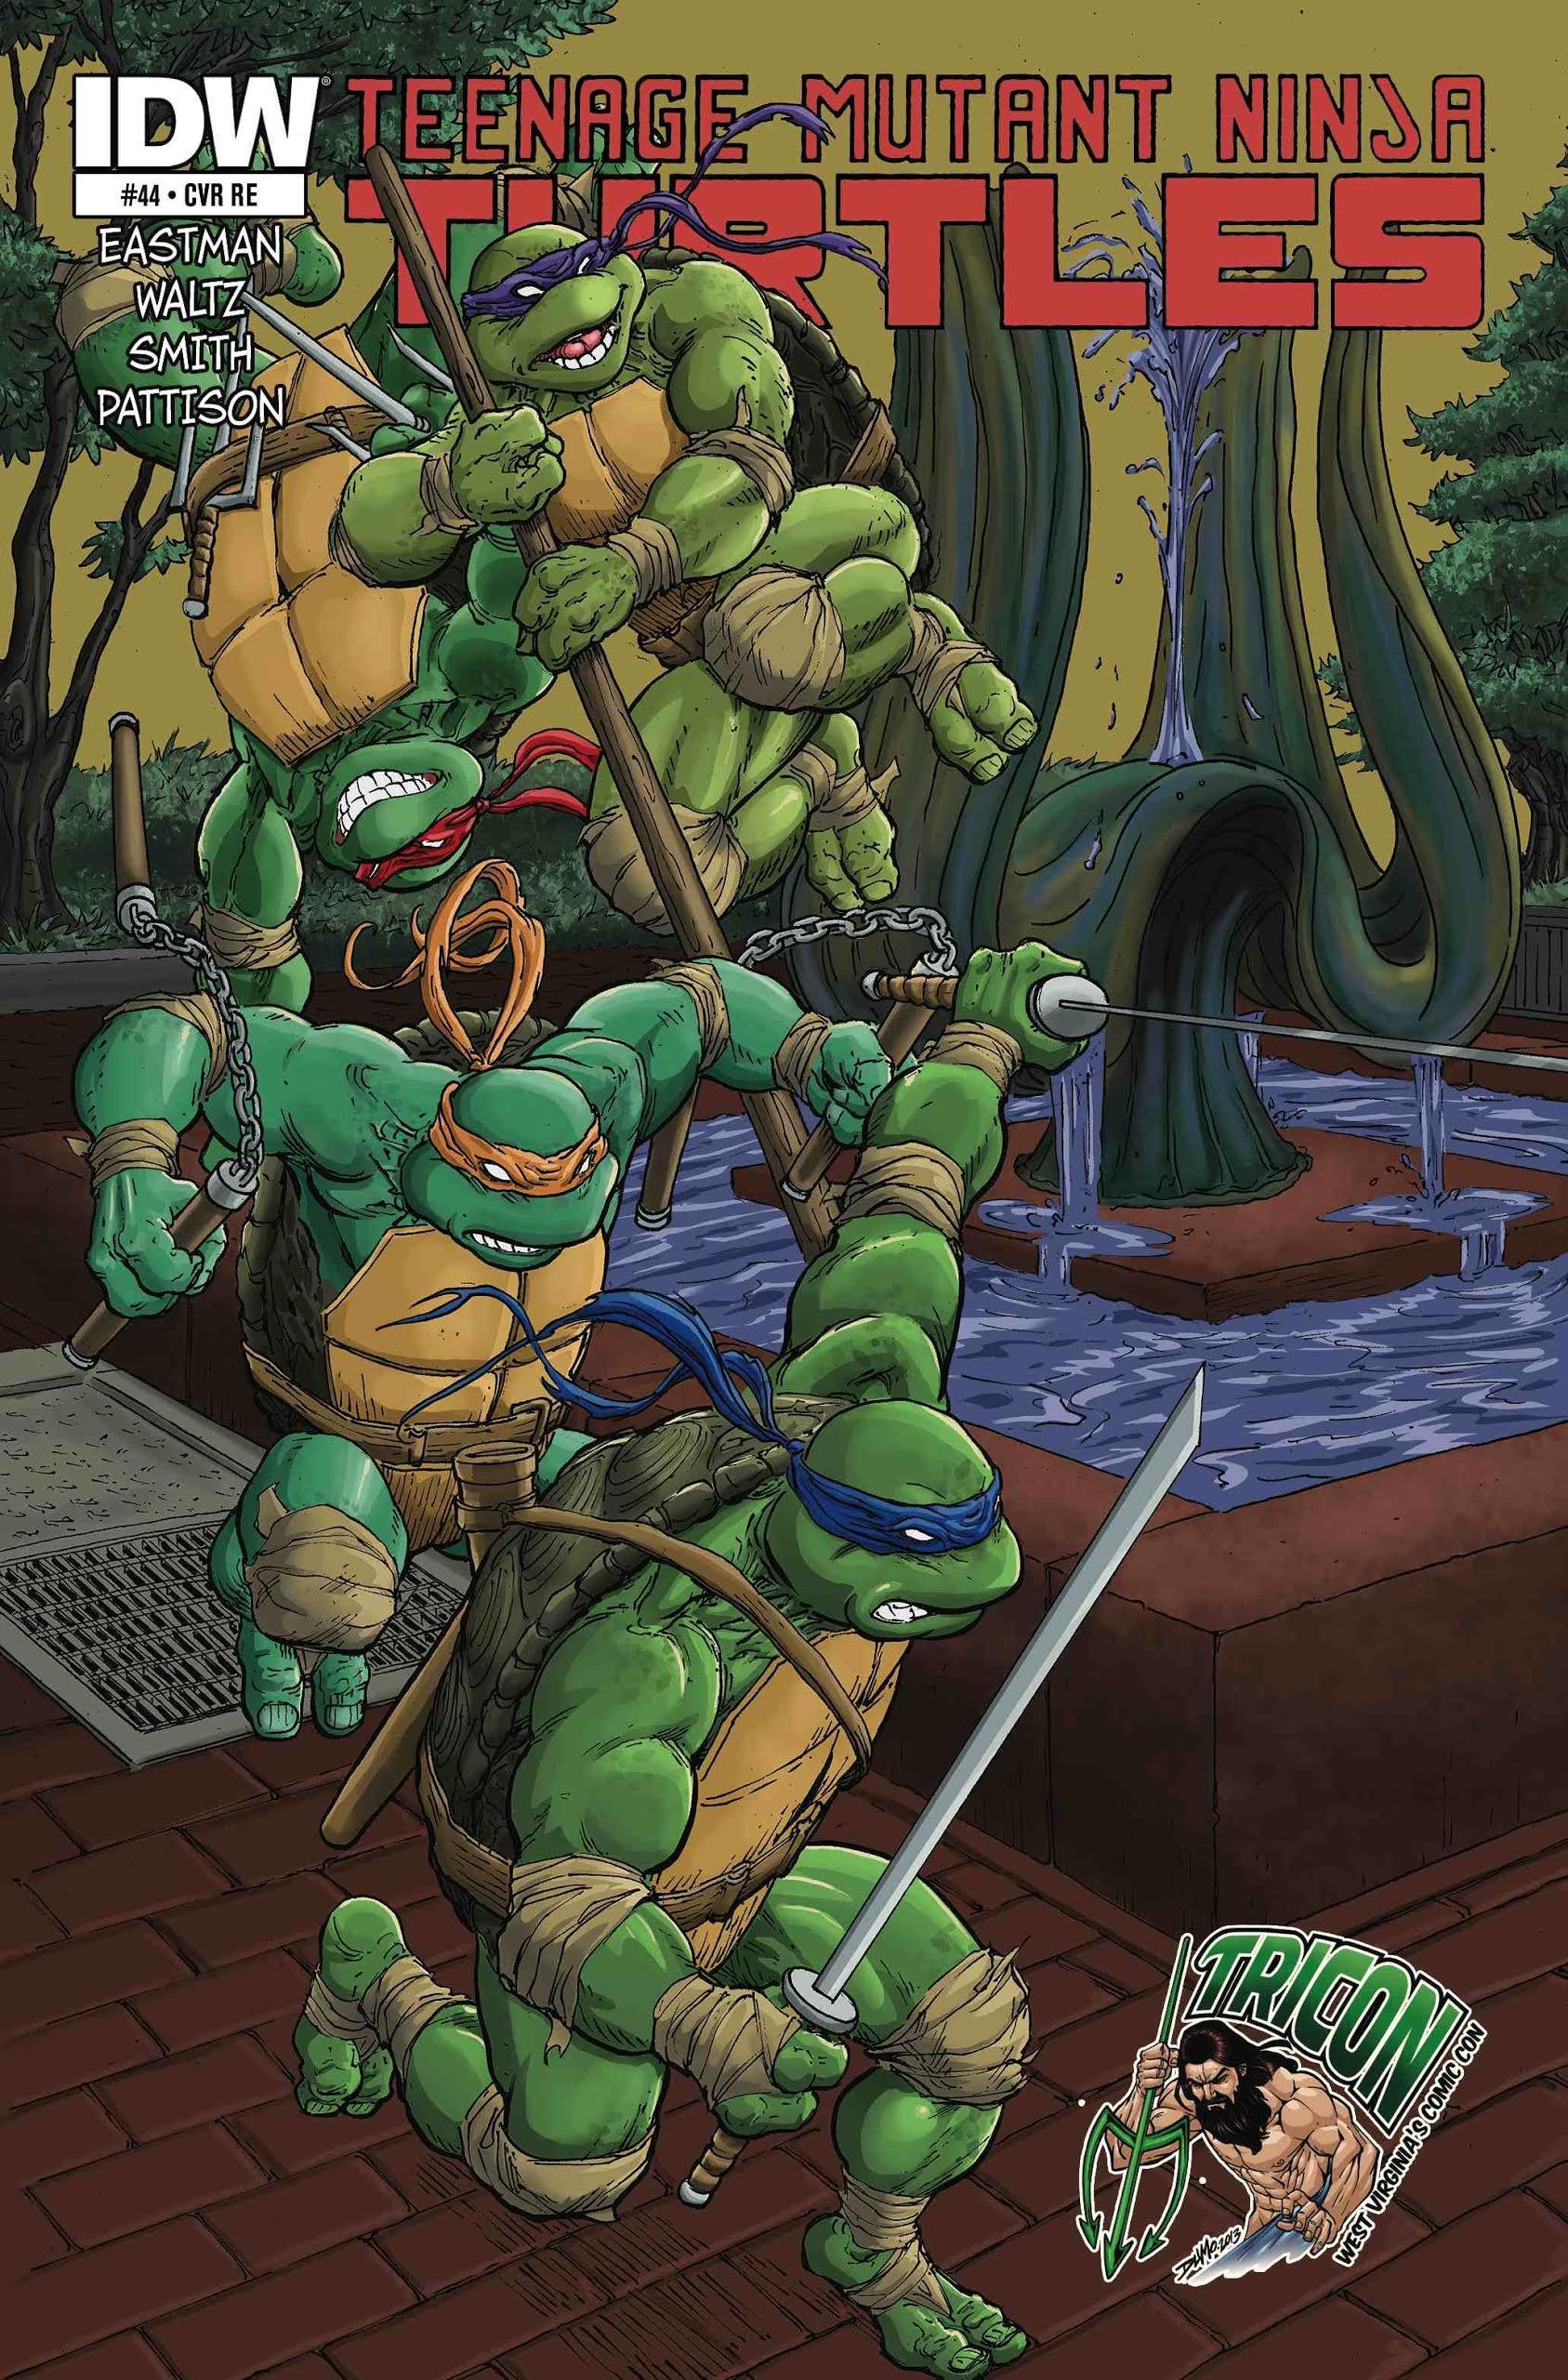 Teenage Mutant Ninja Turtles #44 RE Tricon Variant Cover ...